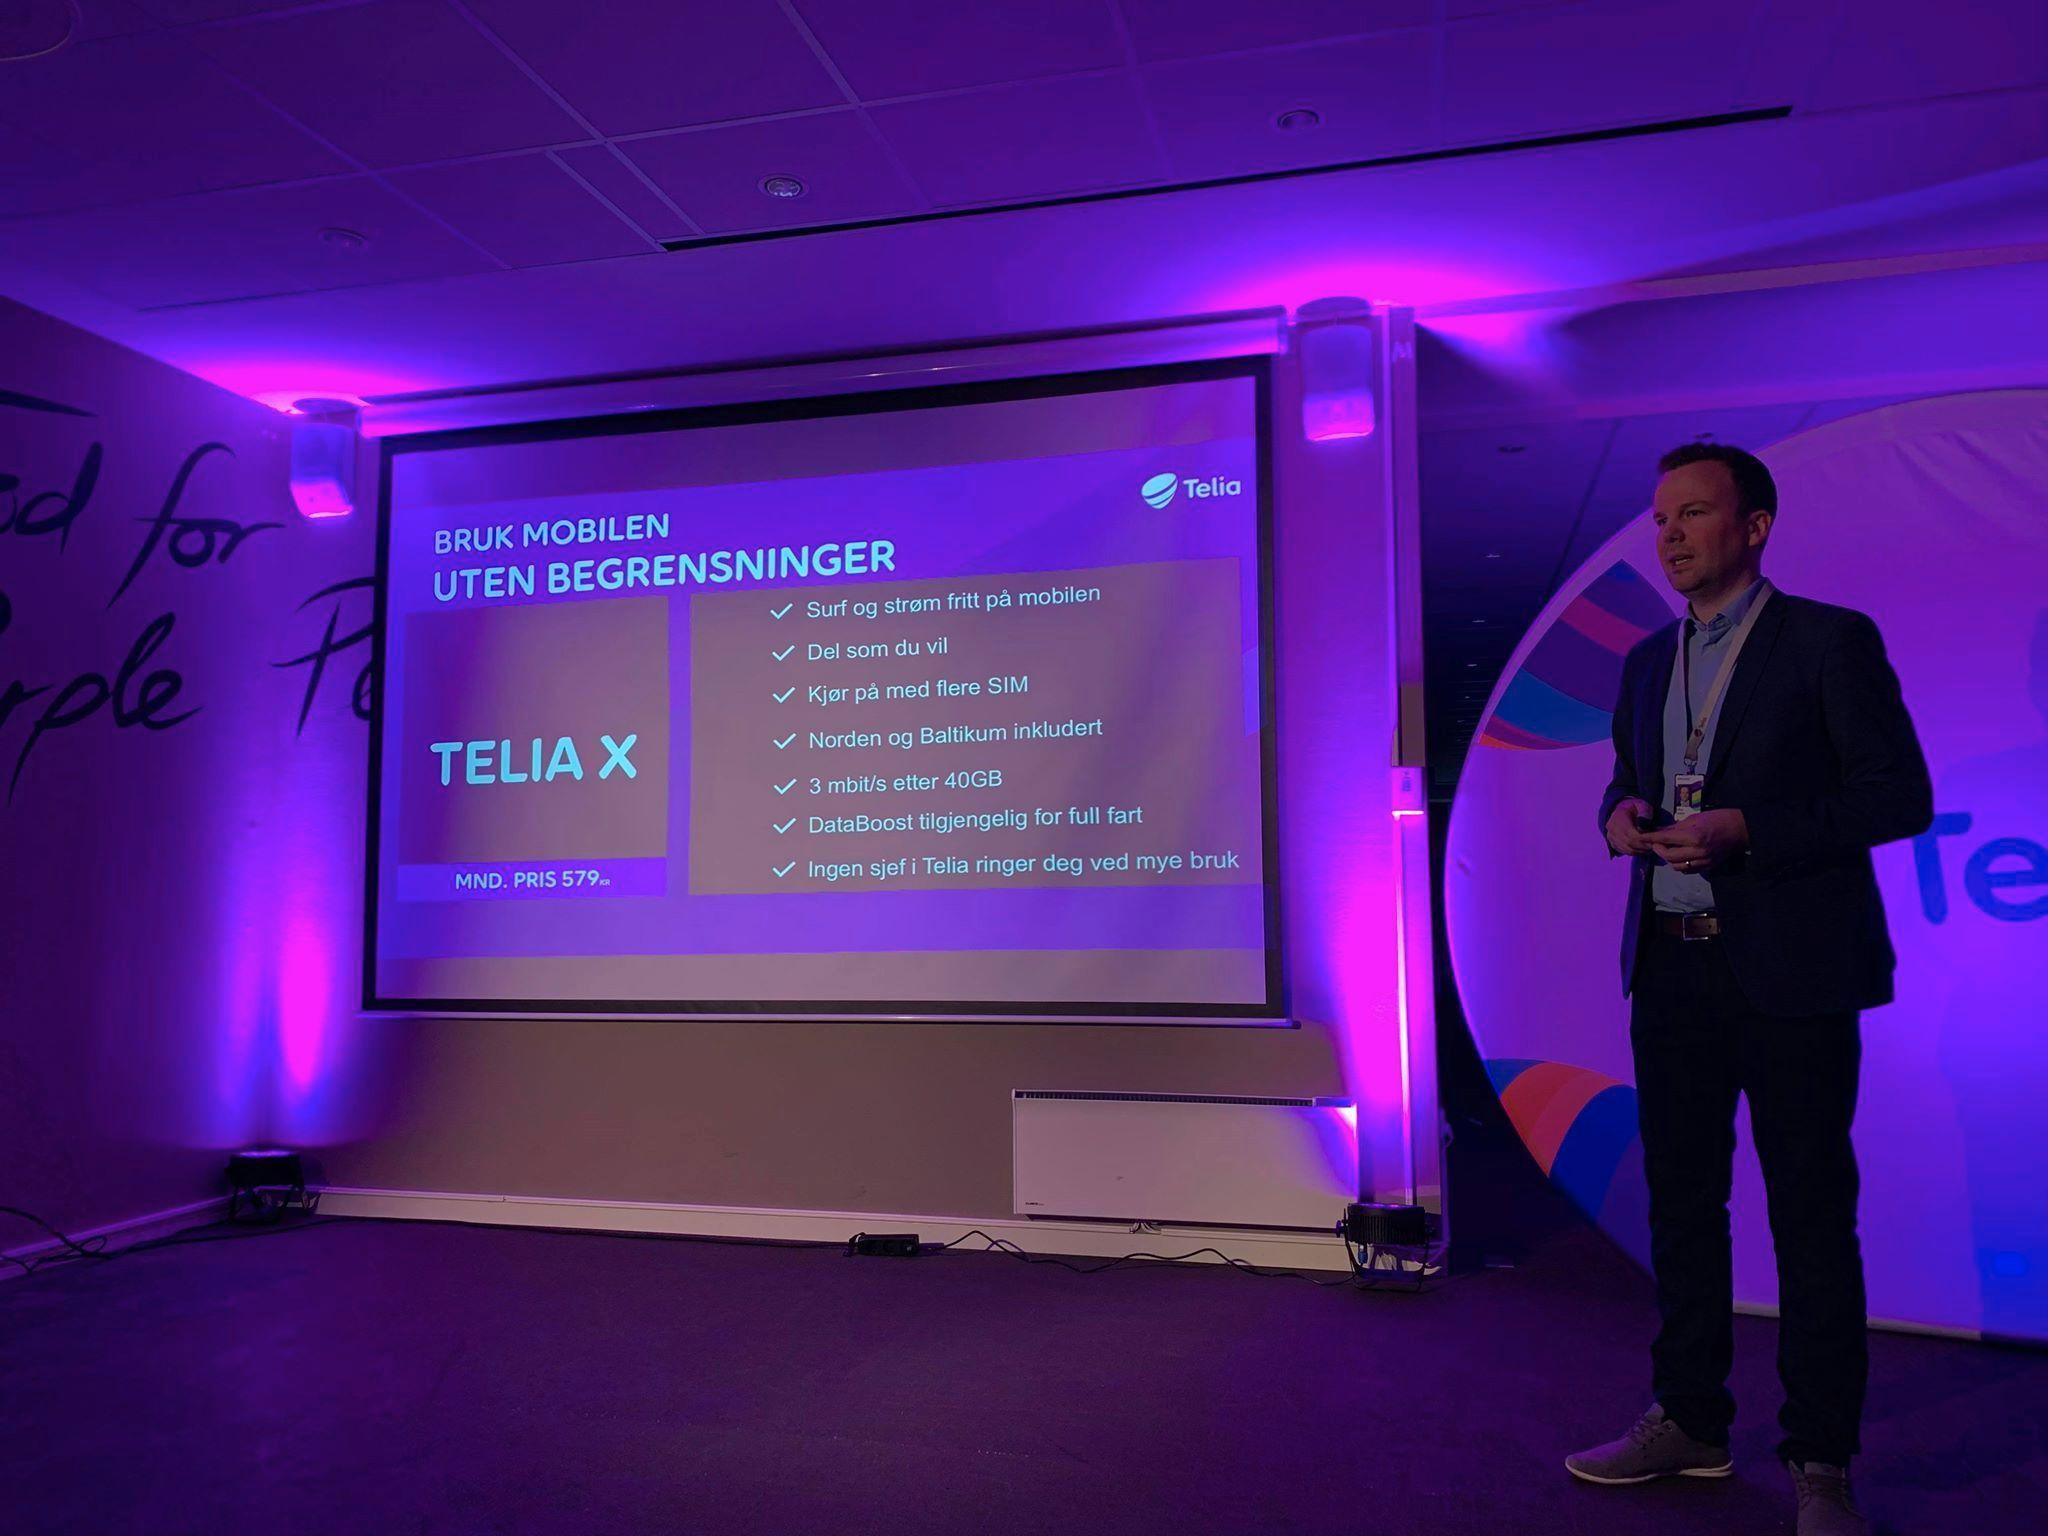 Håkon Lofthus er leder for Telia Privat, og sa under lanseringen av Telia X at kundene ikke vil trenge å begrense bruken, til tross for at nedlastingshastigheten senkes til 3 megabit per sekund.